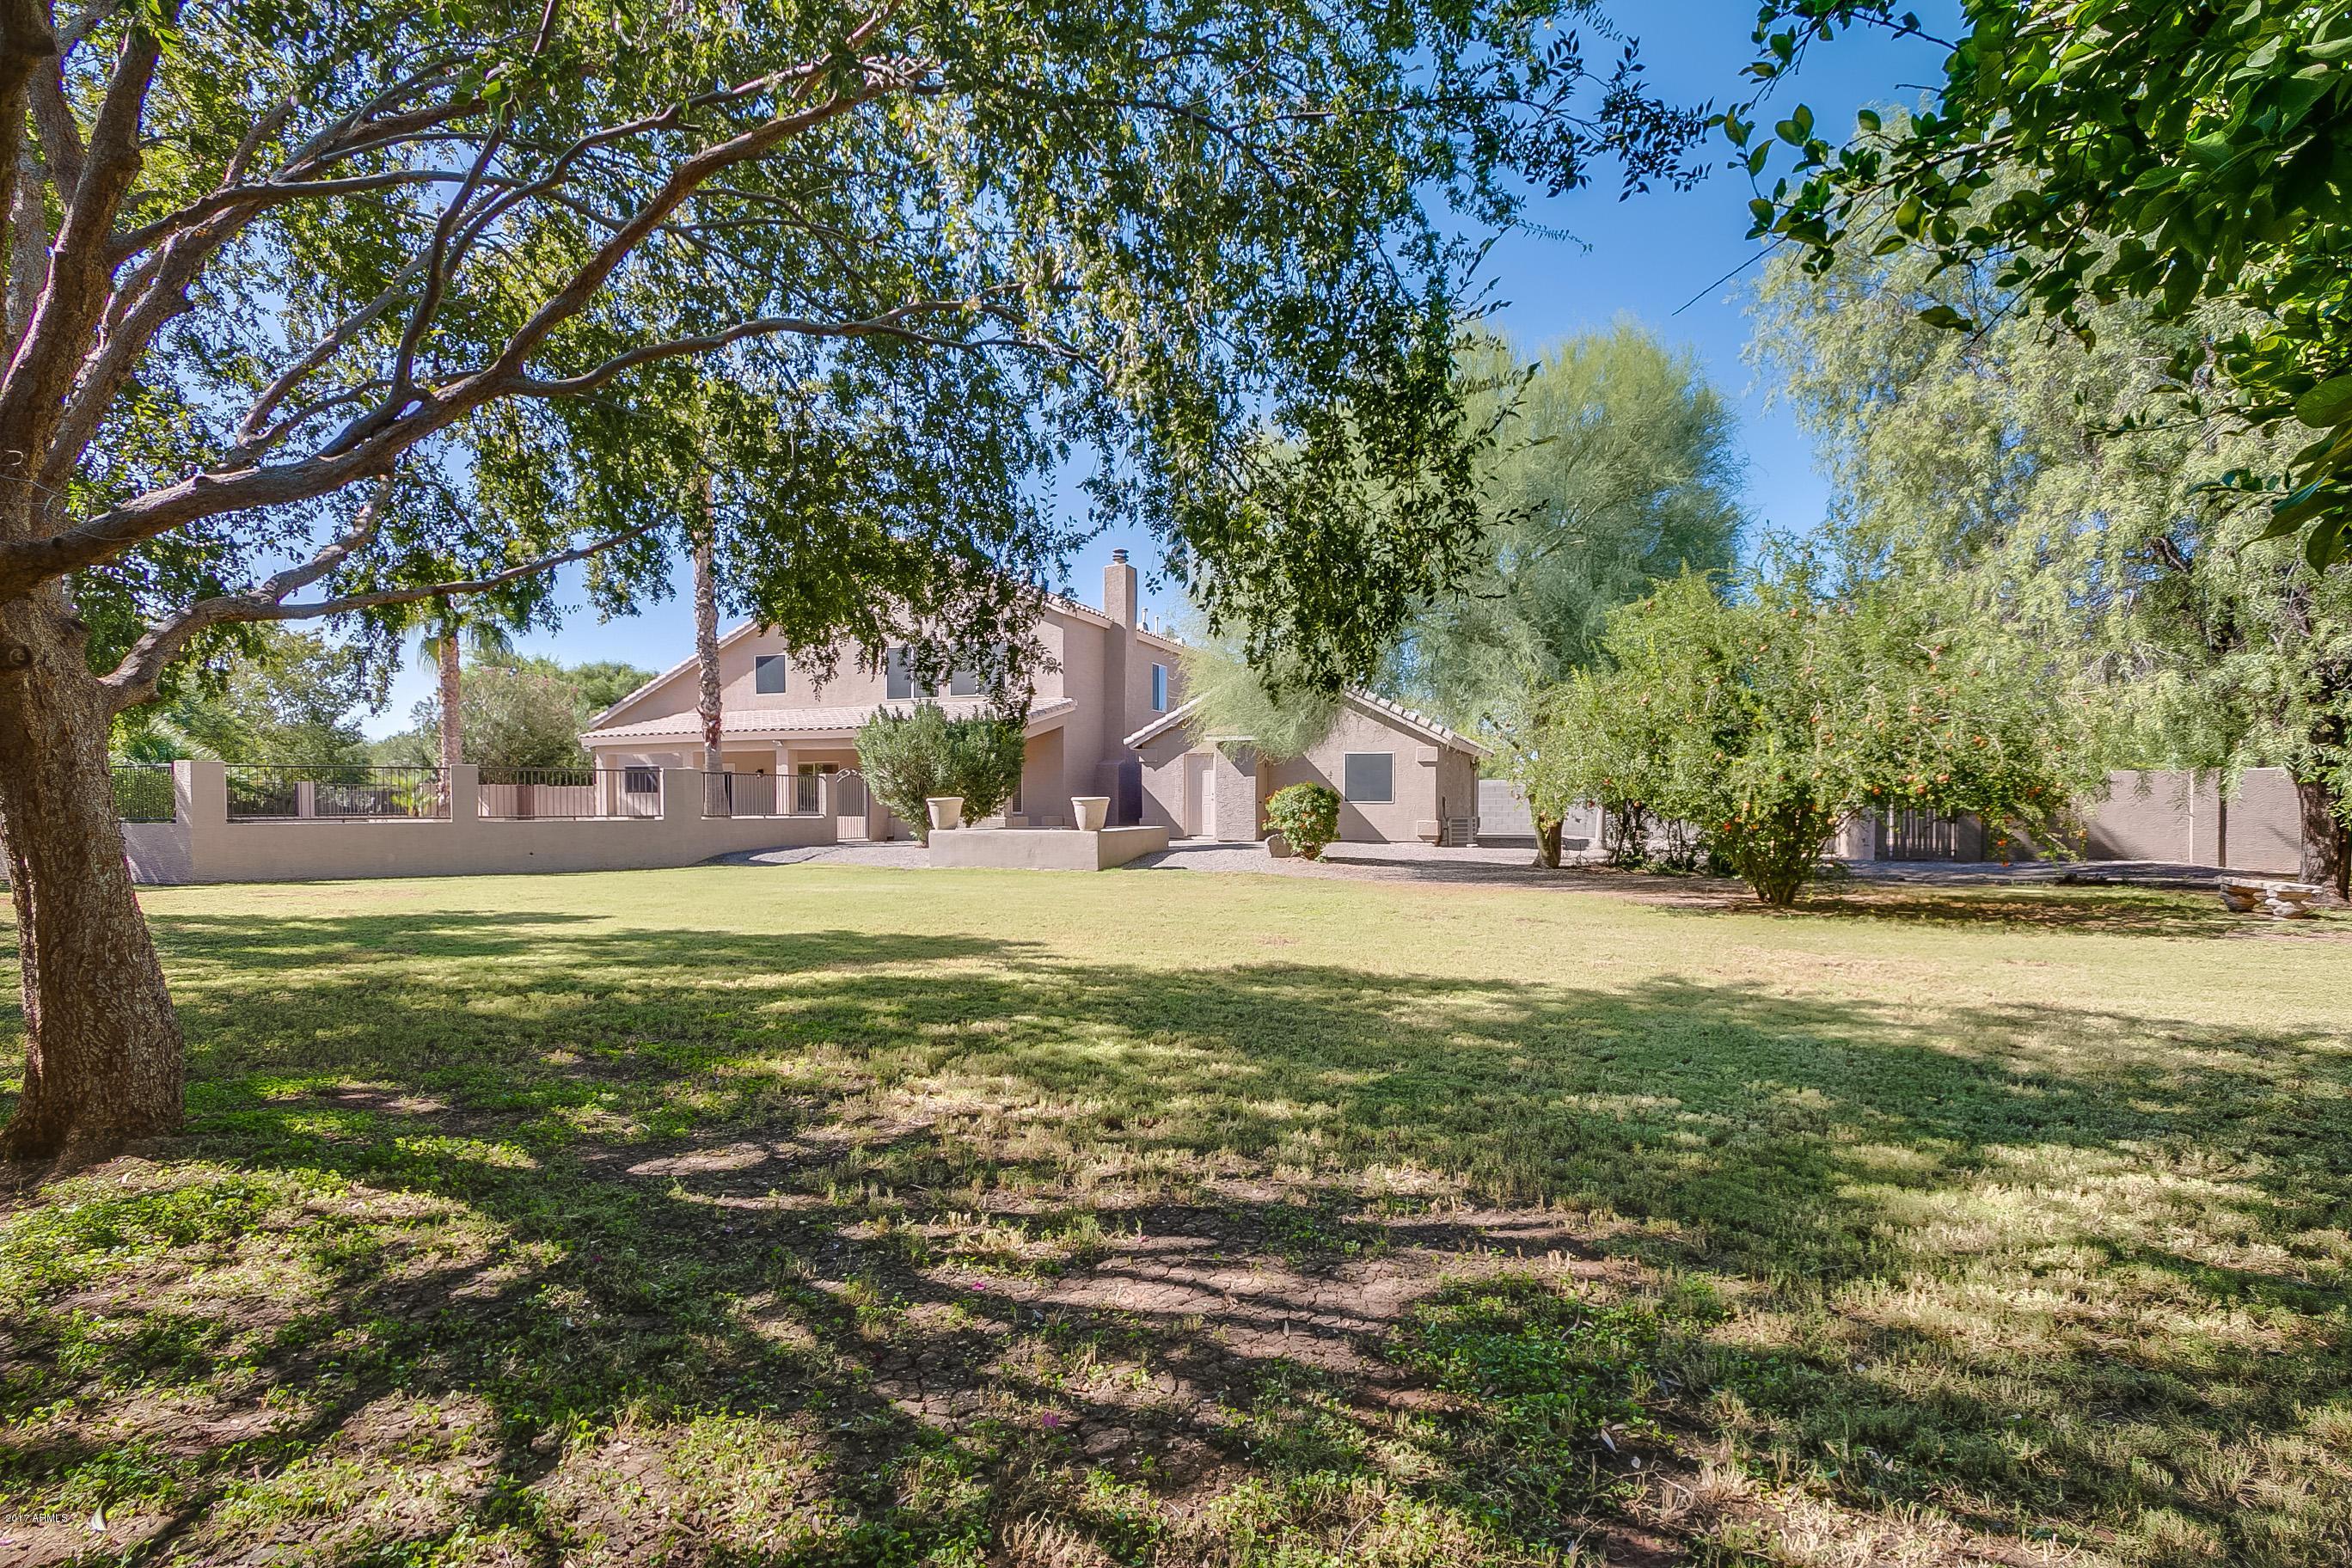 207 S Equestrian  Court Gilbert, AZ 85296 - img1